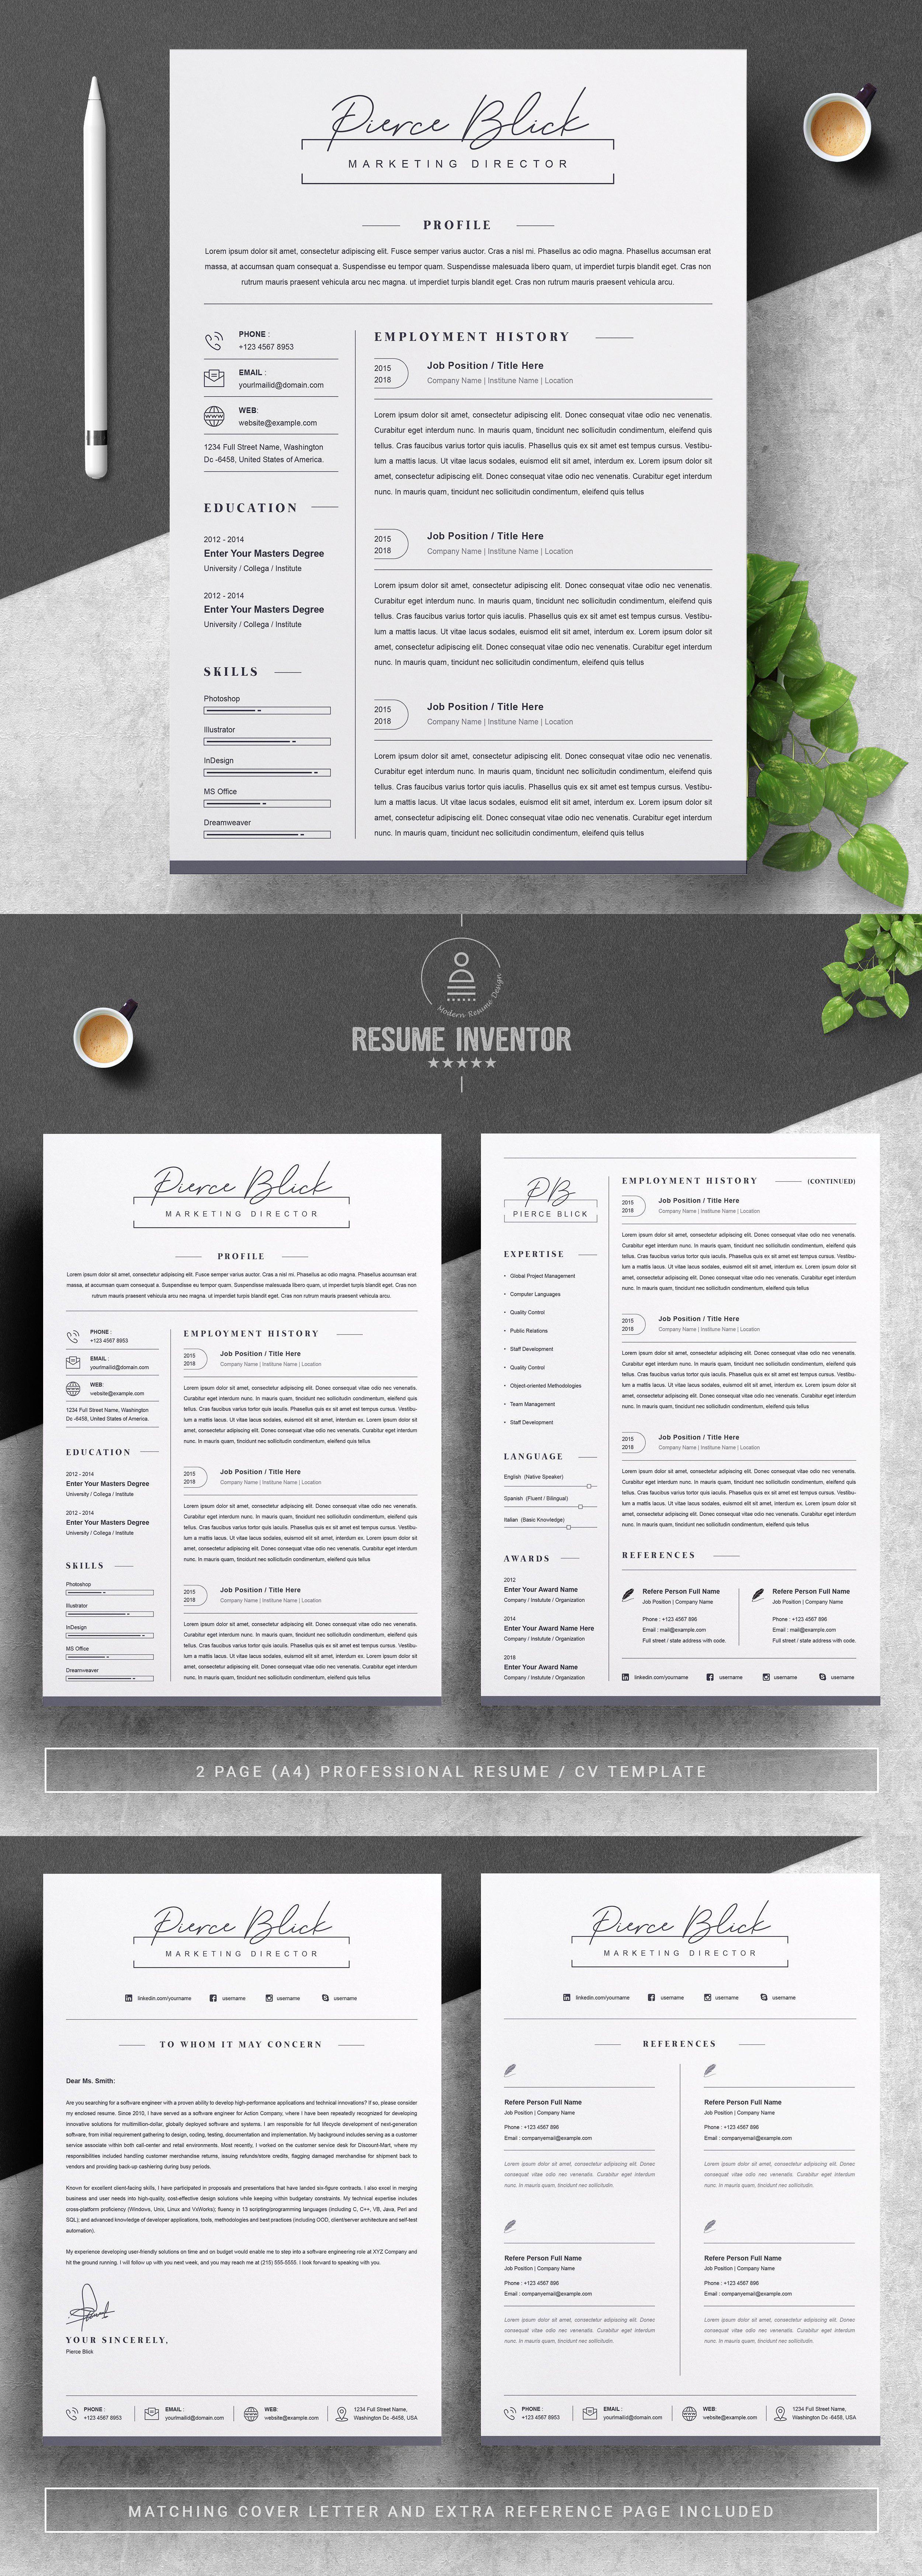 Resume / CV Bundle 85 for 29 in 2020 Cover letter